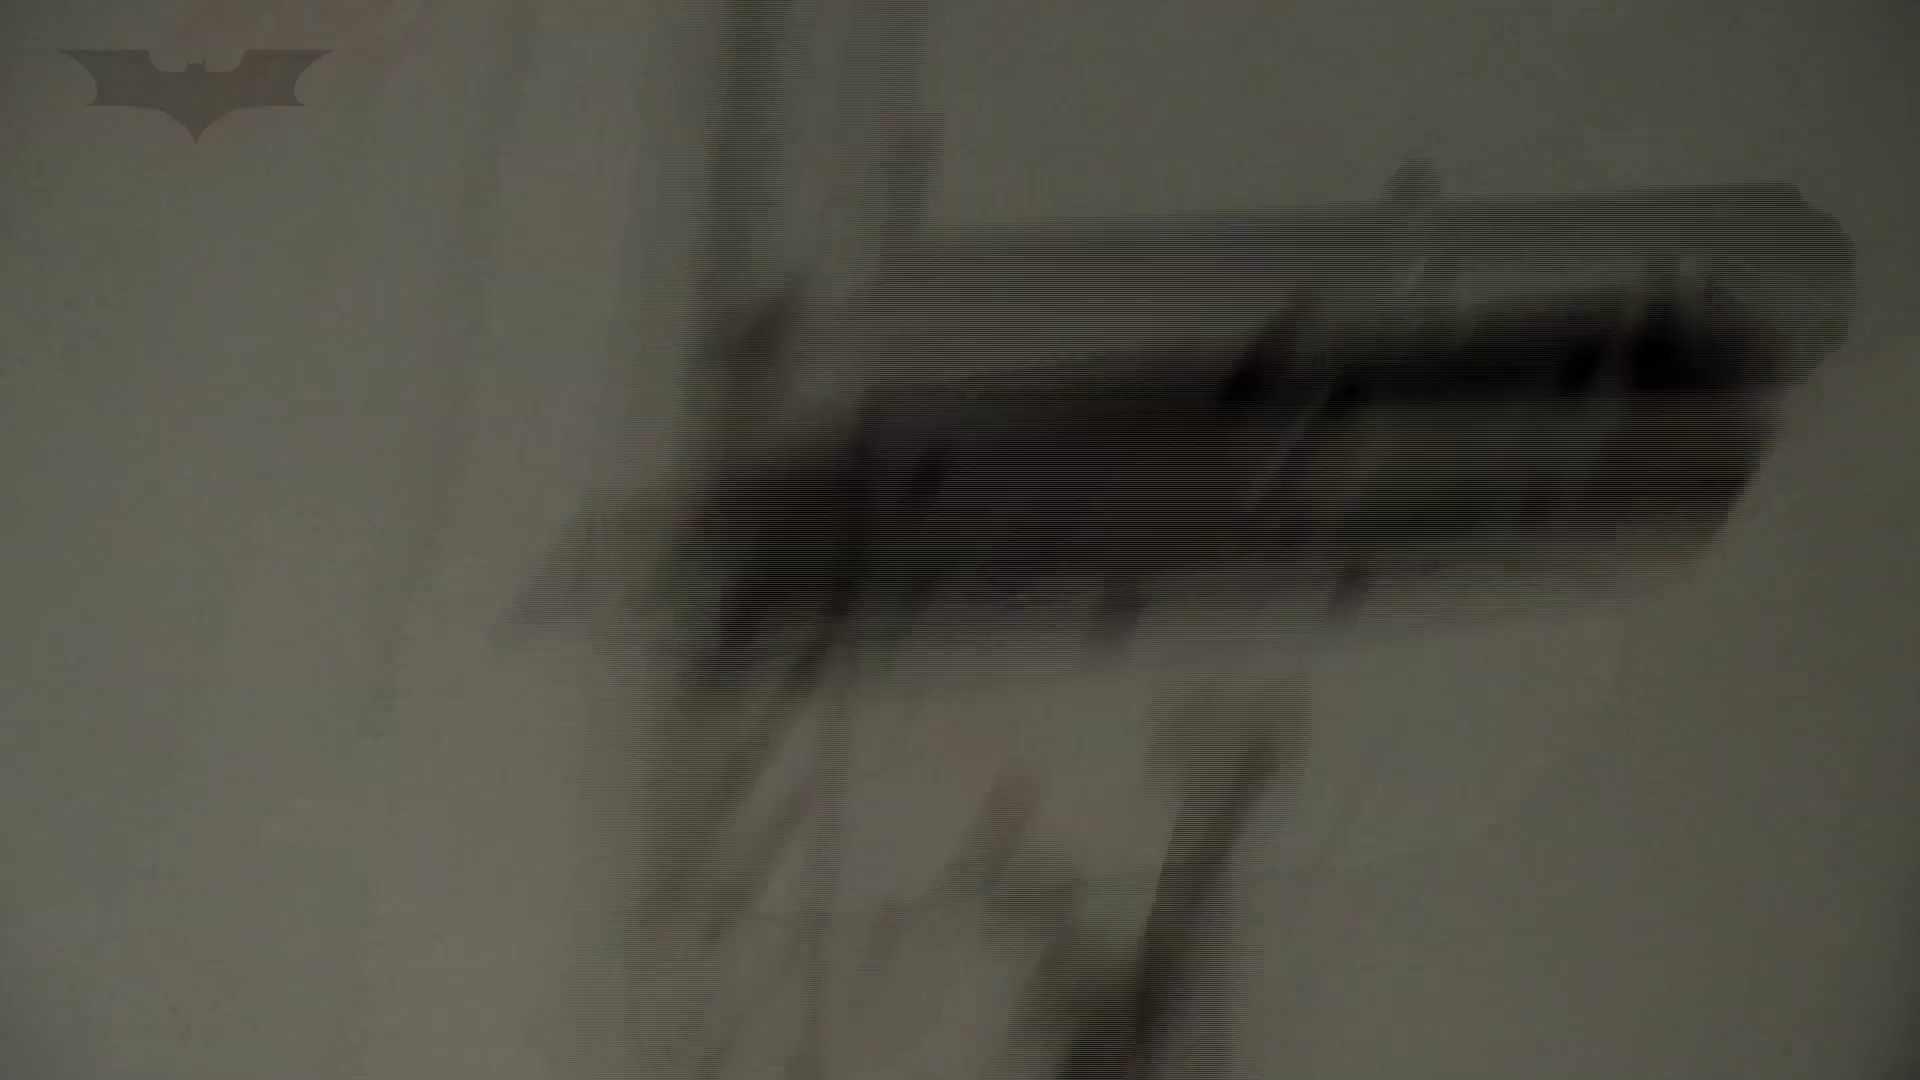 下からノゾム vol.027 毛穴まで見えるようになった 高画質 おめこ無修正動画無料 97画像 11